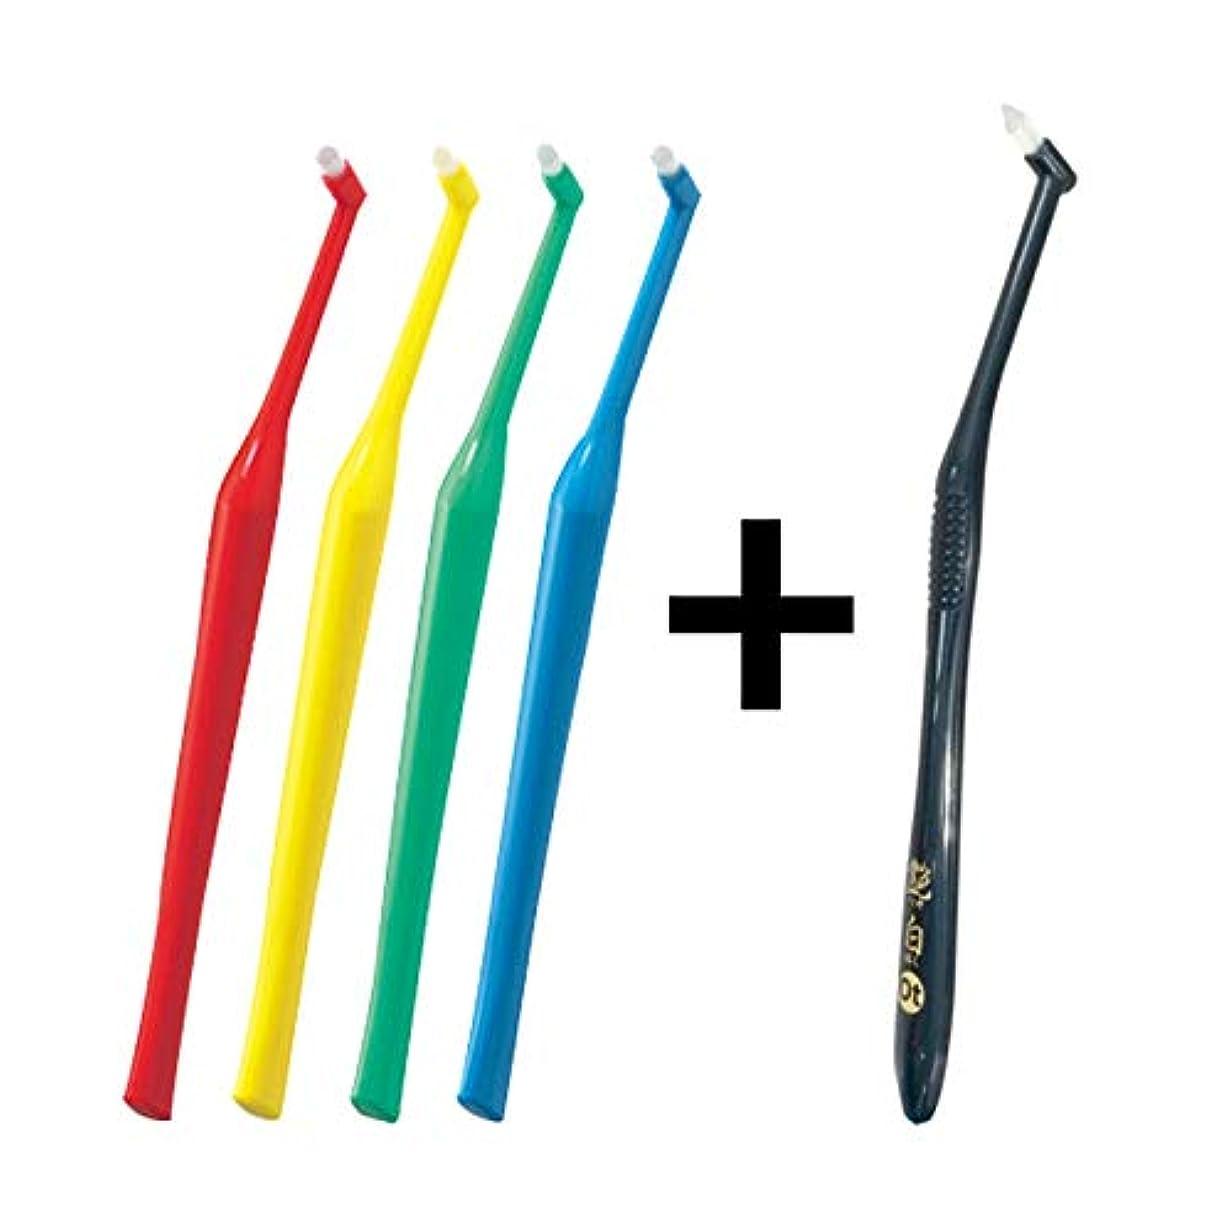 口複雑なボタンプラウト Plaut × 4本 アソート (MS(ミディアムソフト))+艶白 ワンタフト 歯ブラシ 1本 MS(やややわらかめ) オーラルケア ポイントブラシ 歯科専売品